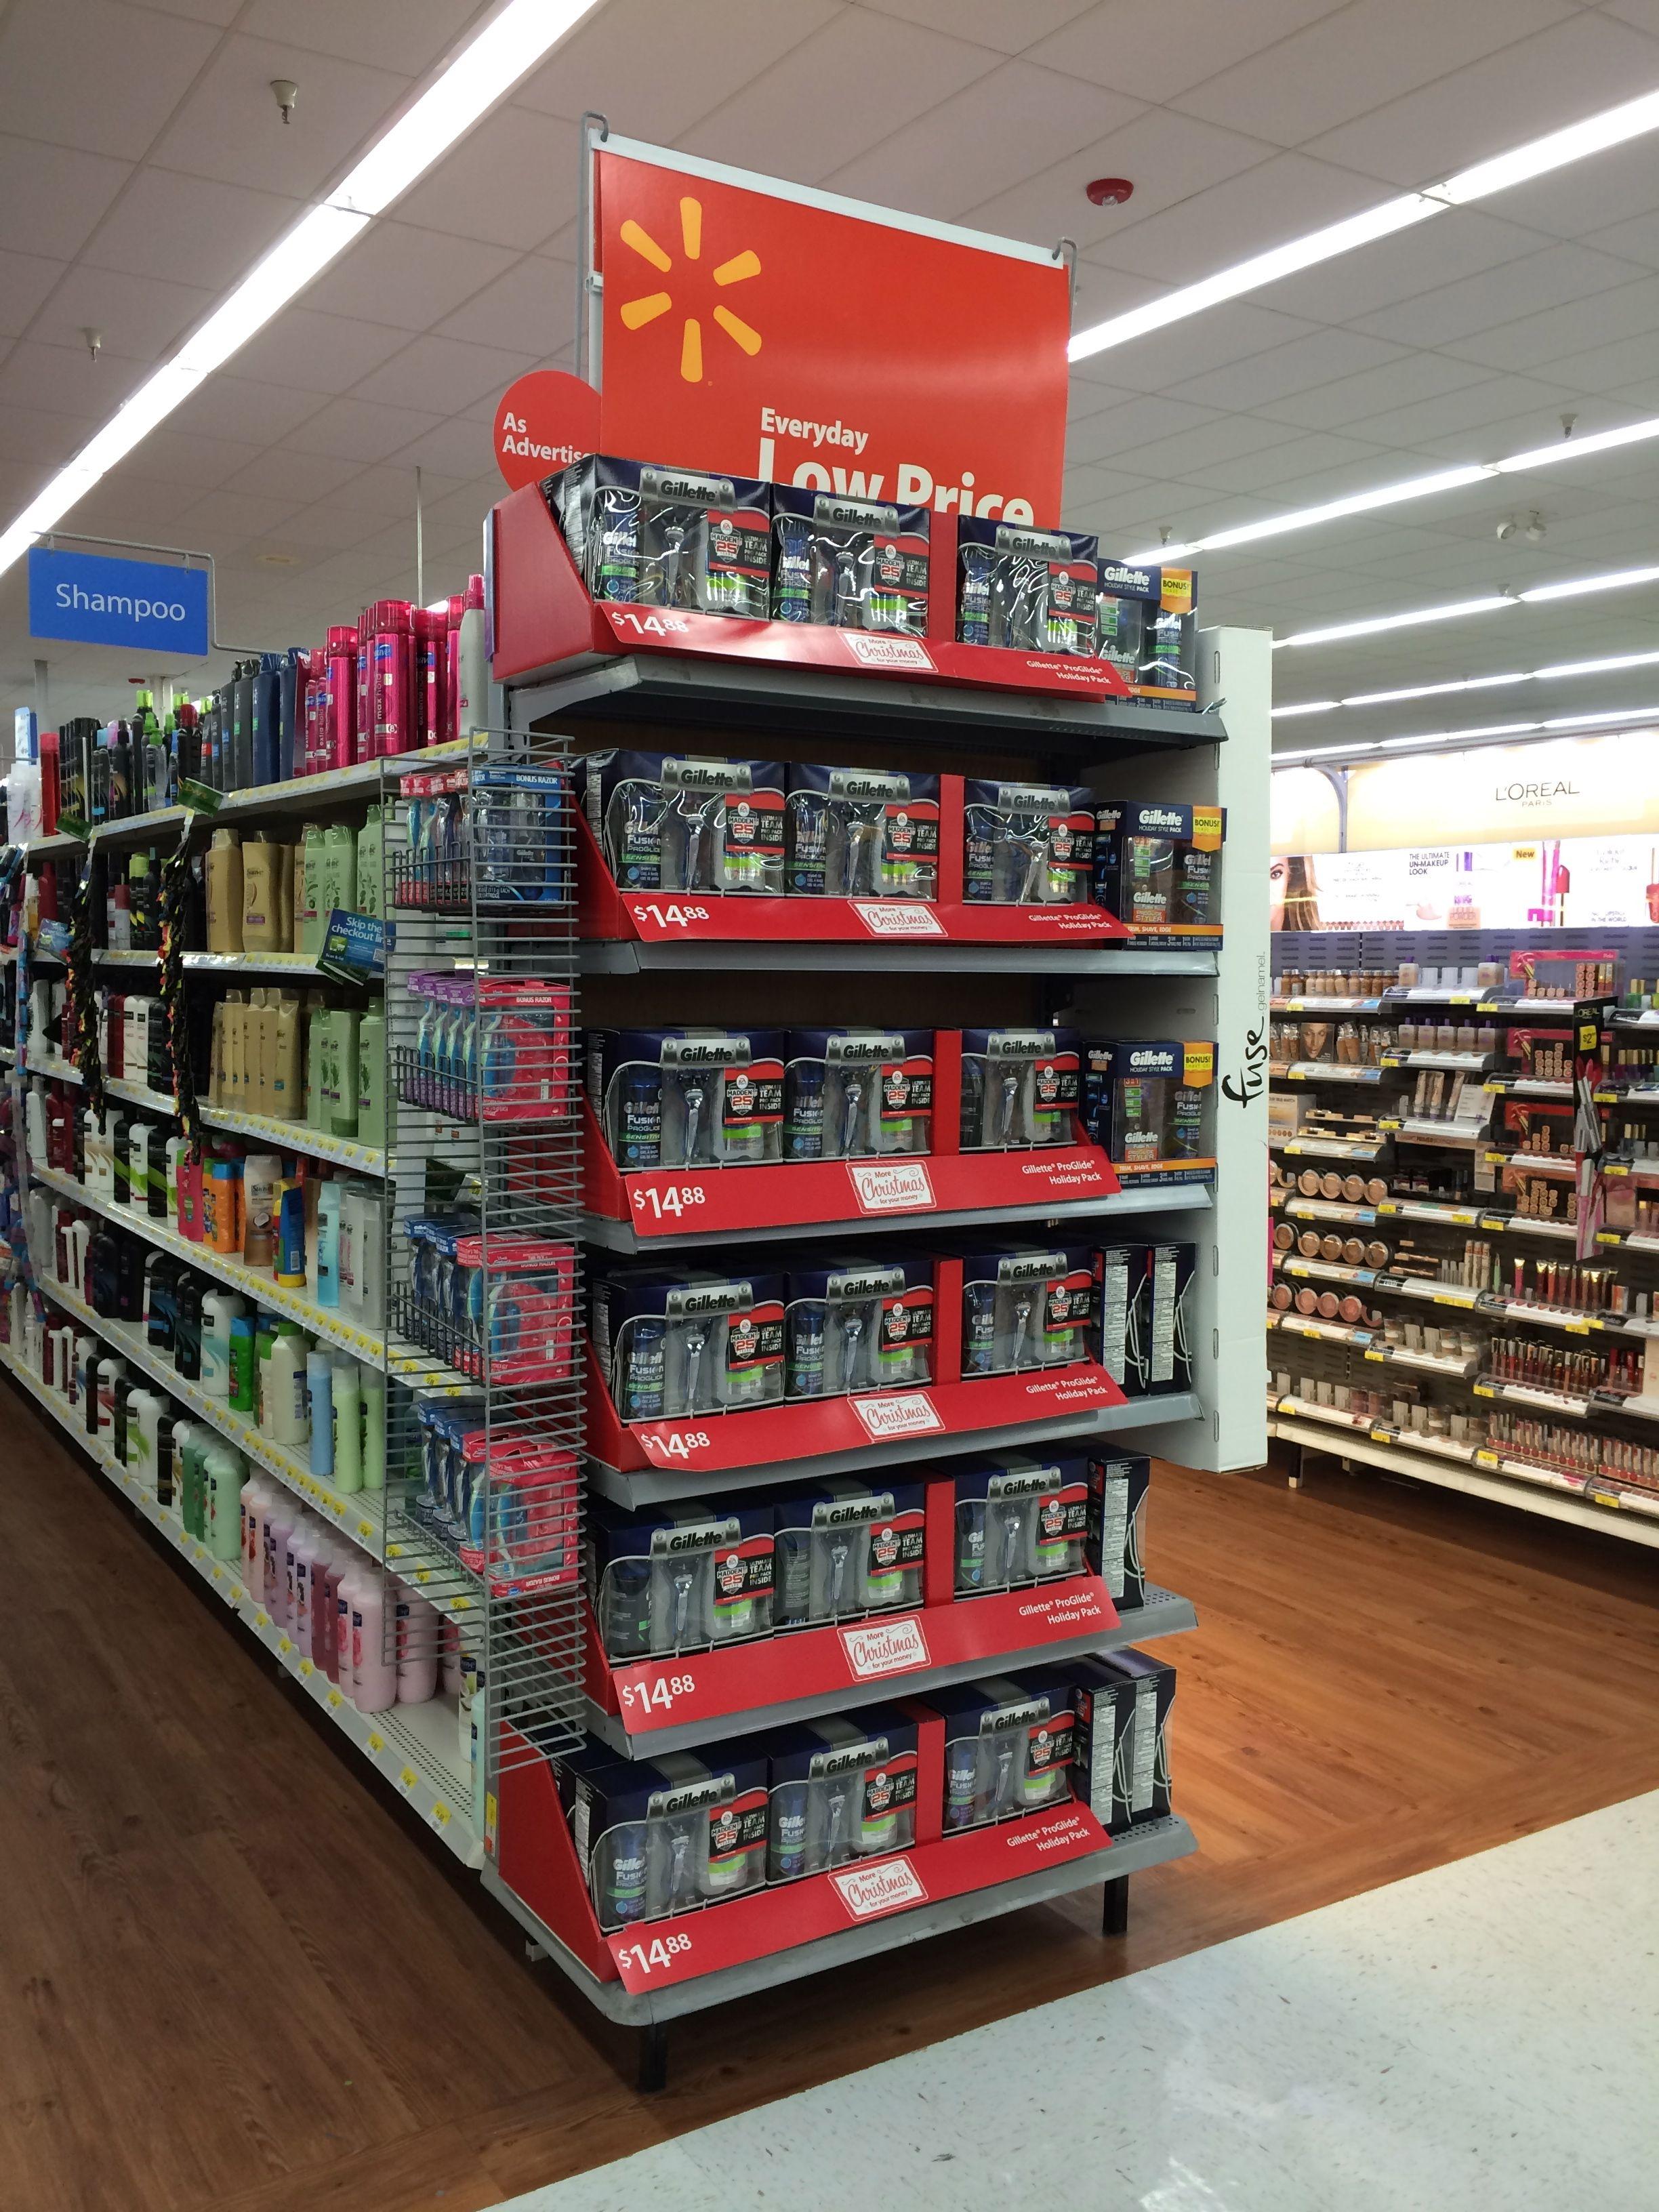 Atemberaubend 11 Um 14 Rahmen Walmart Ideen - Benutzerdefinierte ...